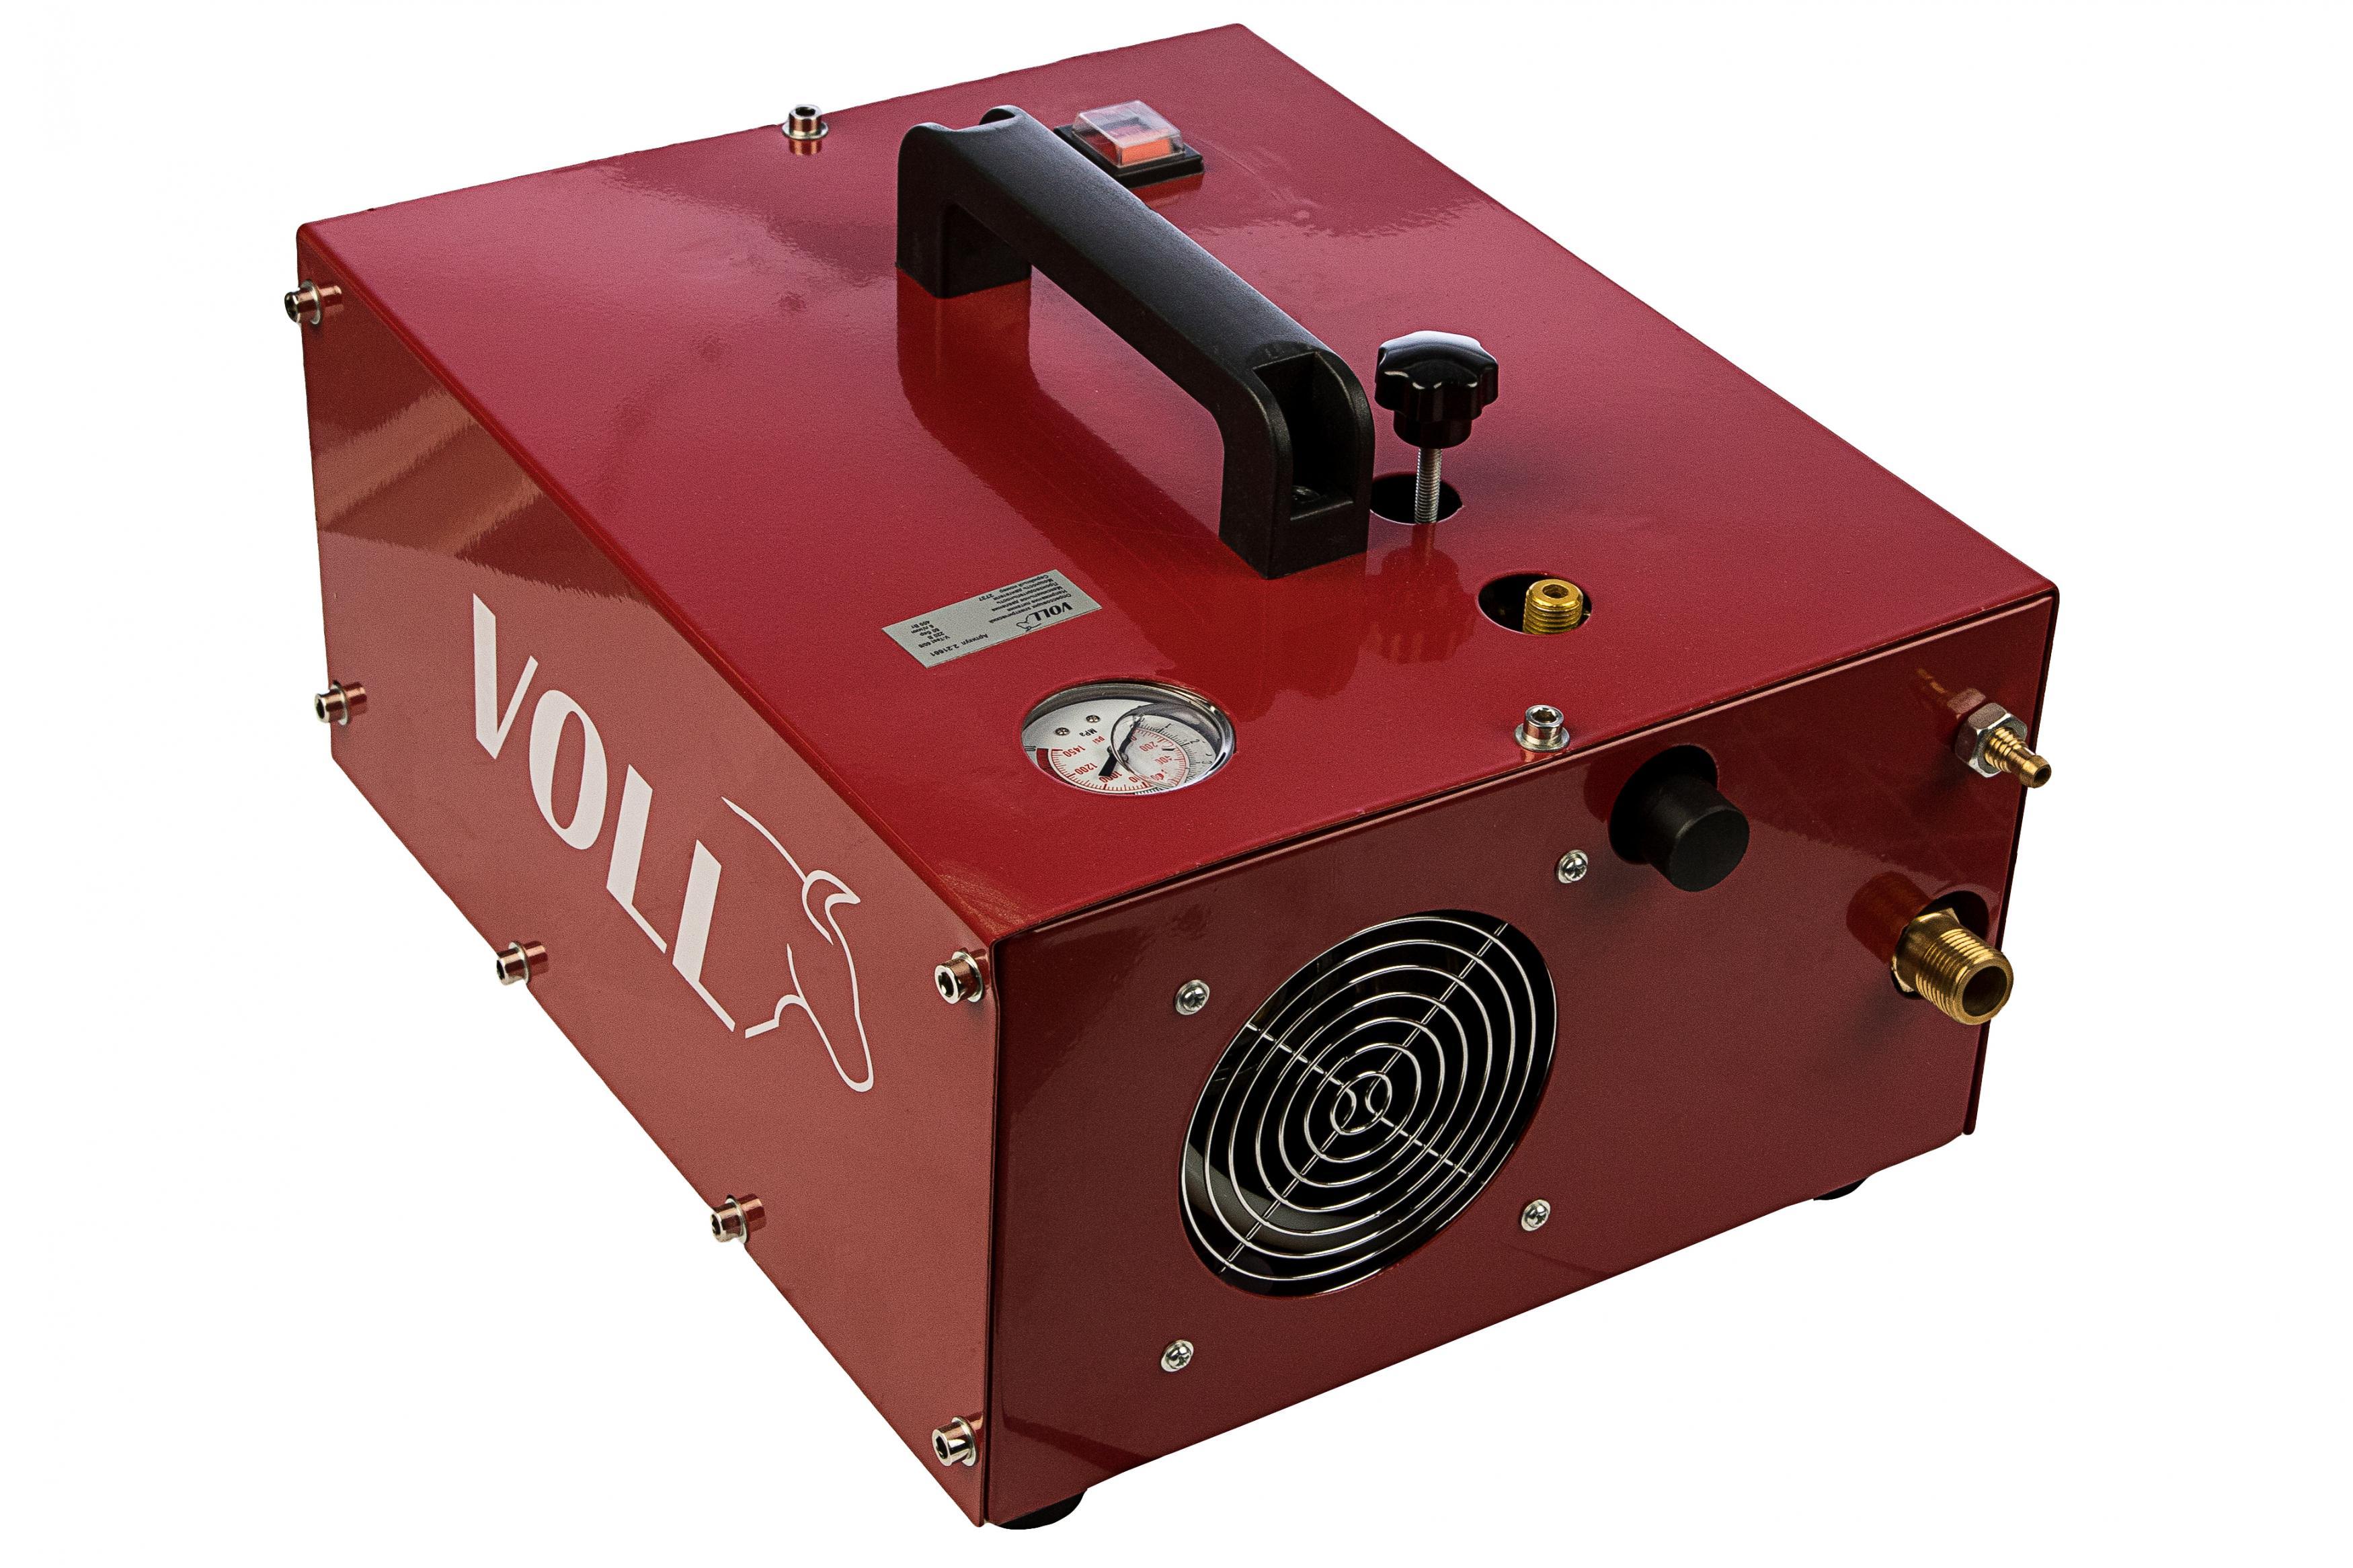 Опрессовщик Voll V-test 60-6 2.21661